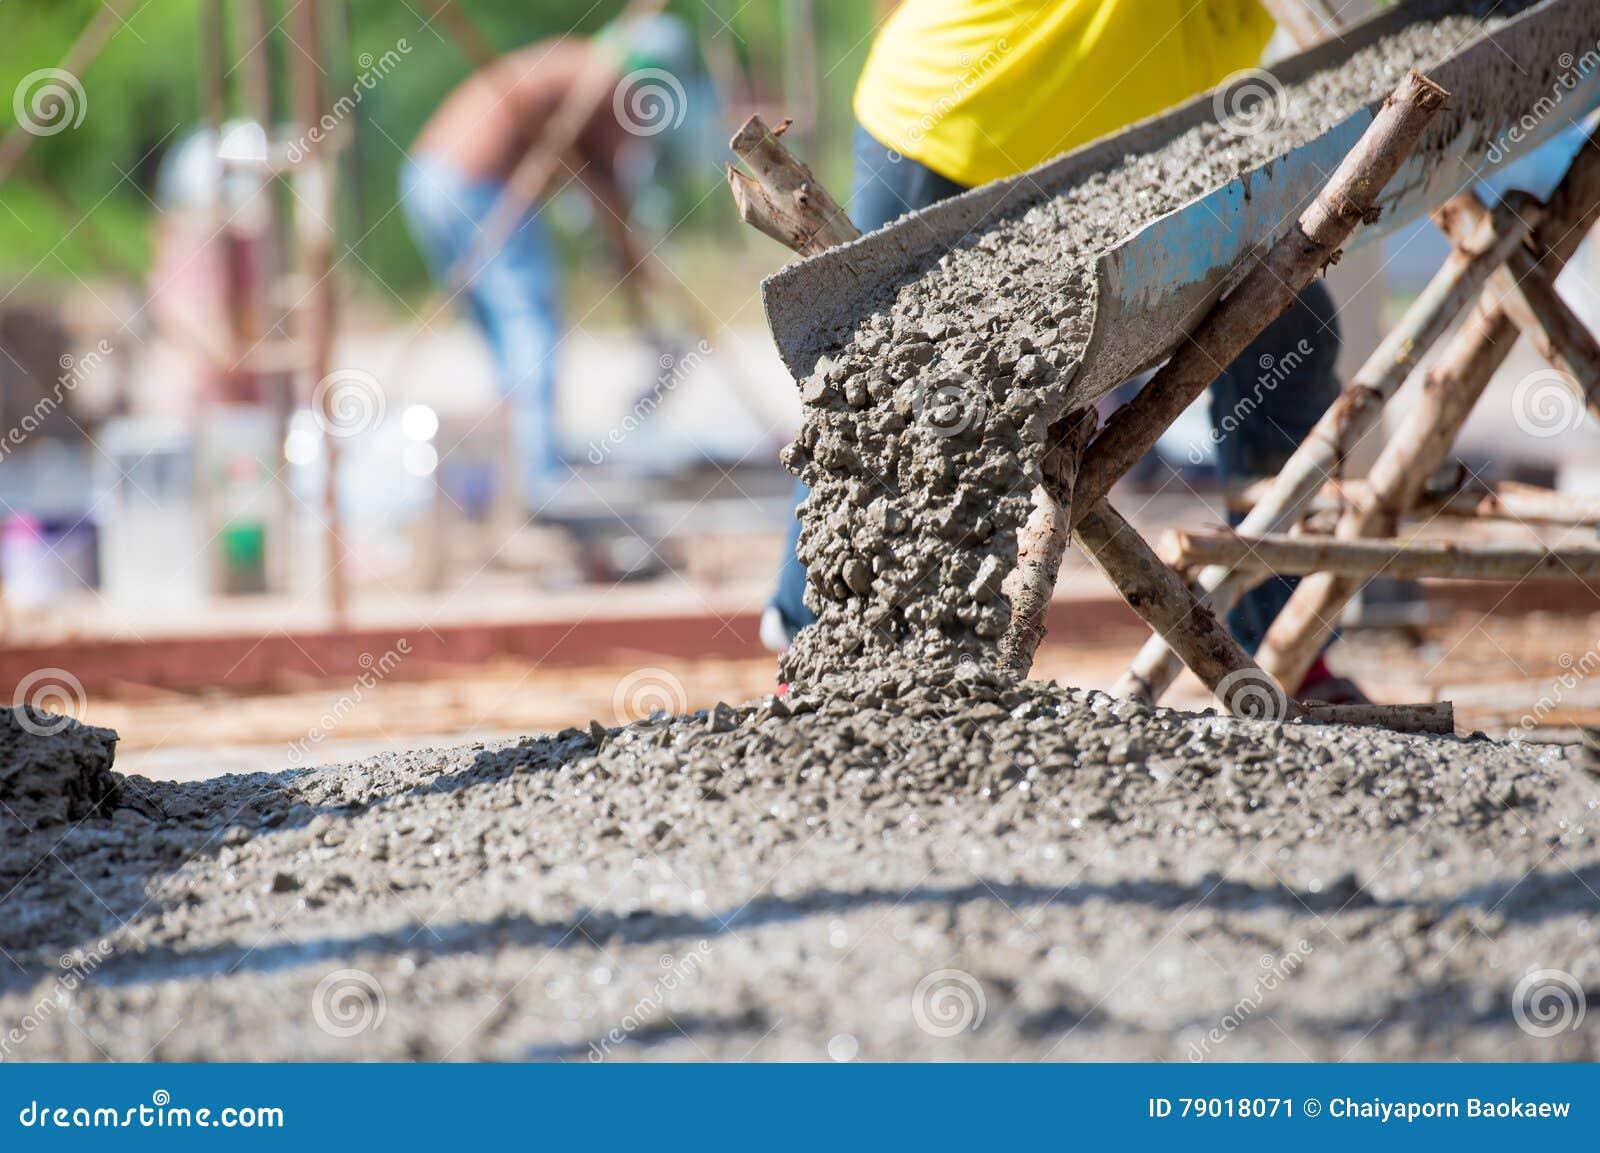 Betonowy dolewanie podczas reklamy betonuje podłoga budynek